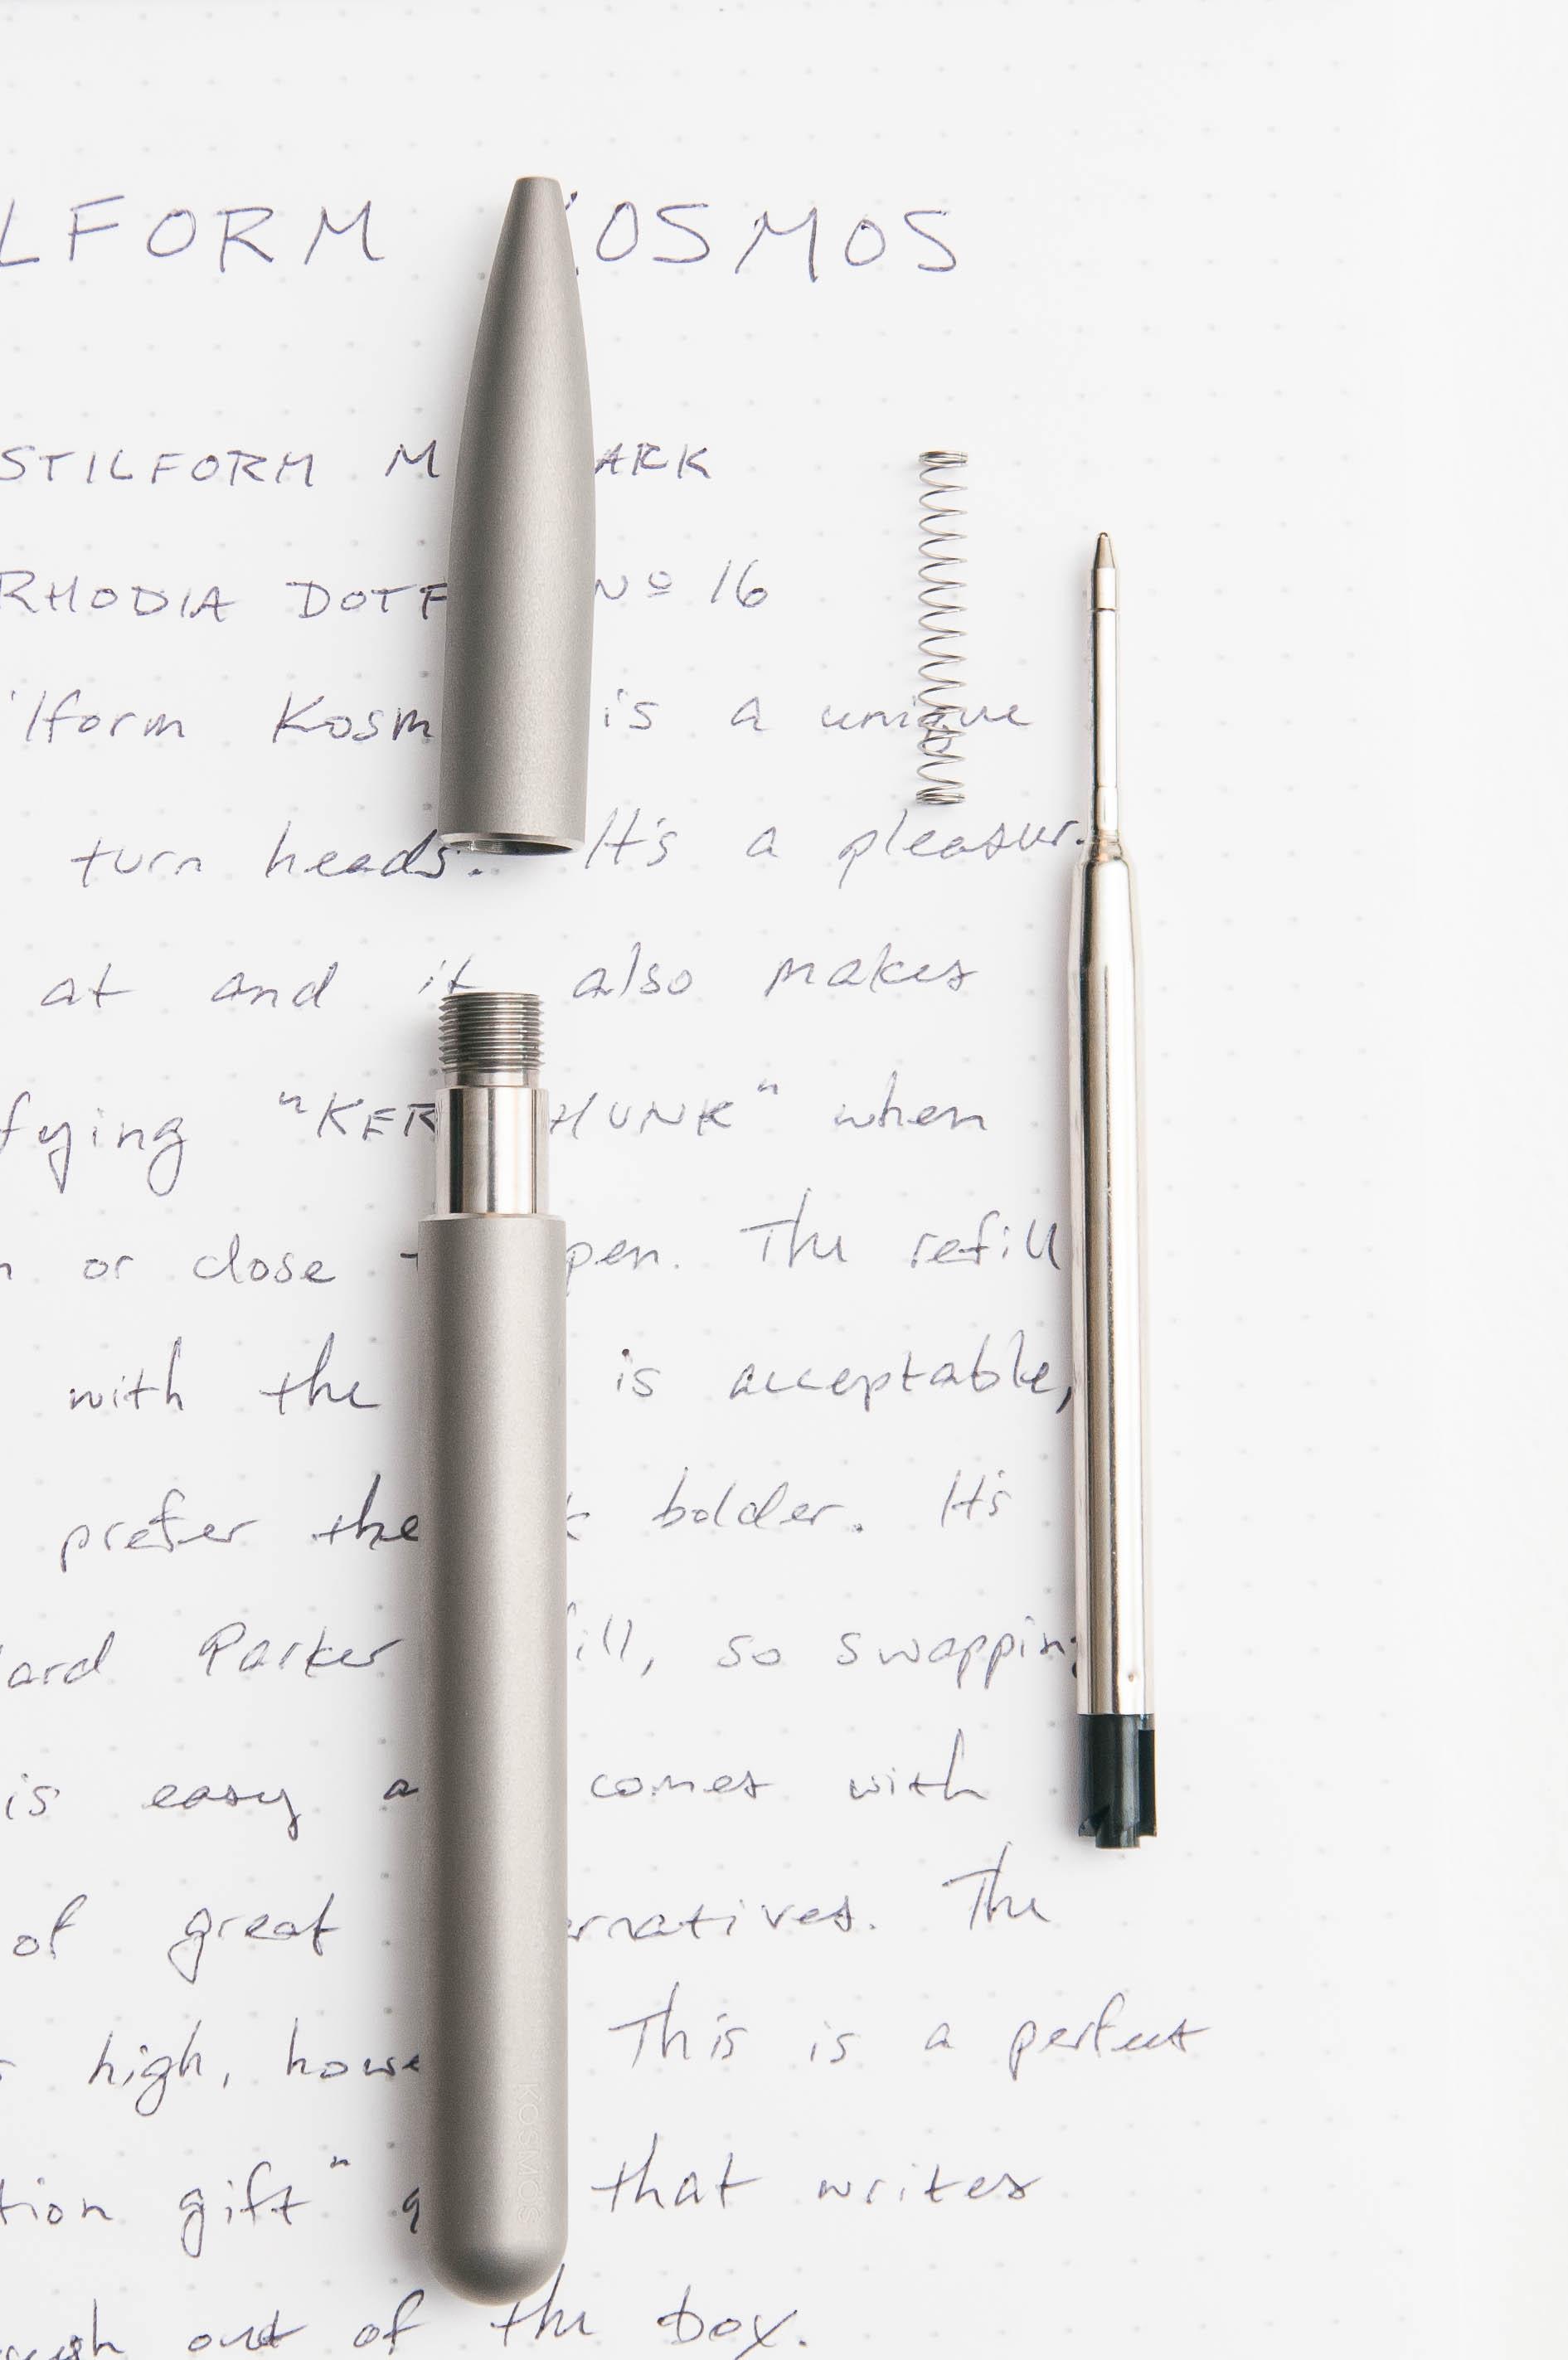 Stilform Kosmos Ballpoint Pen Refill